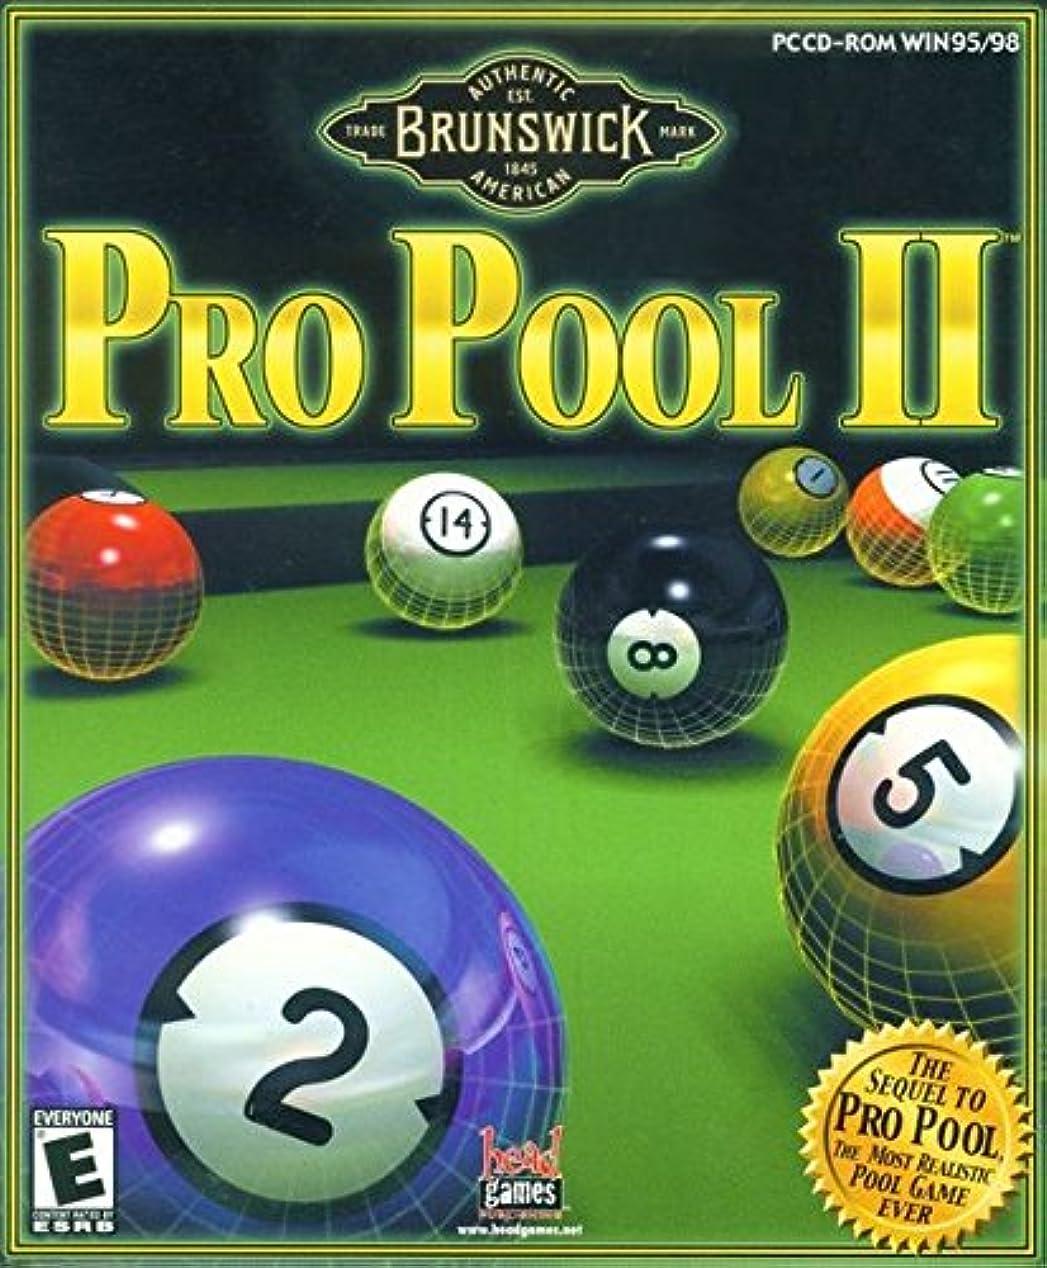 悔い改めミサイル雄弁Brunswick Pro Pool 3D 2 (輸入版)